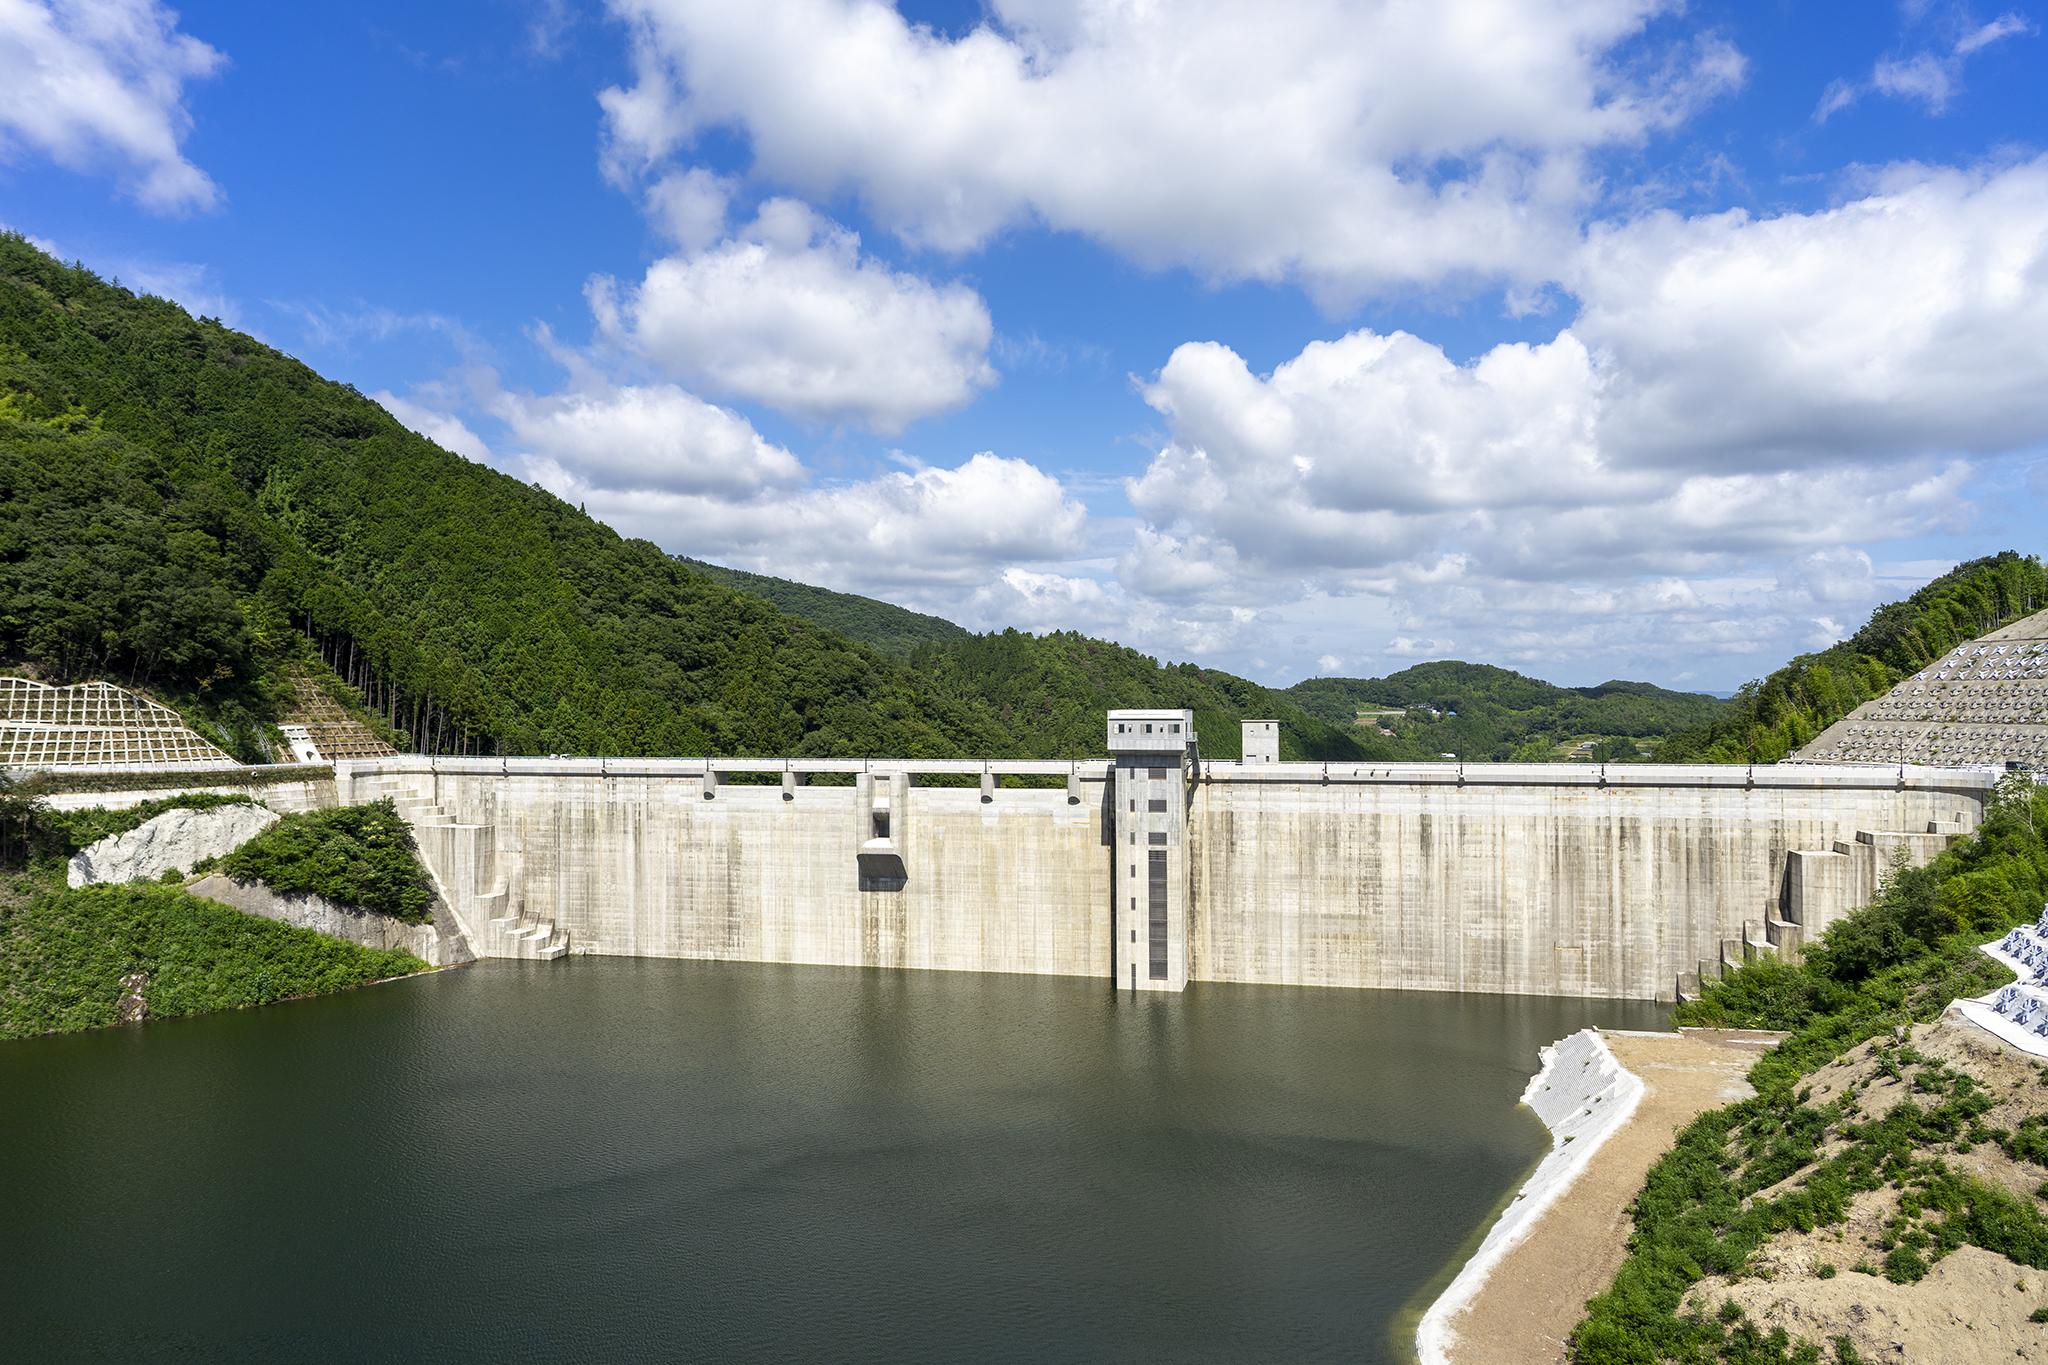 香川県最大のダム「椛川ダム」で避暑